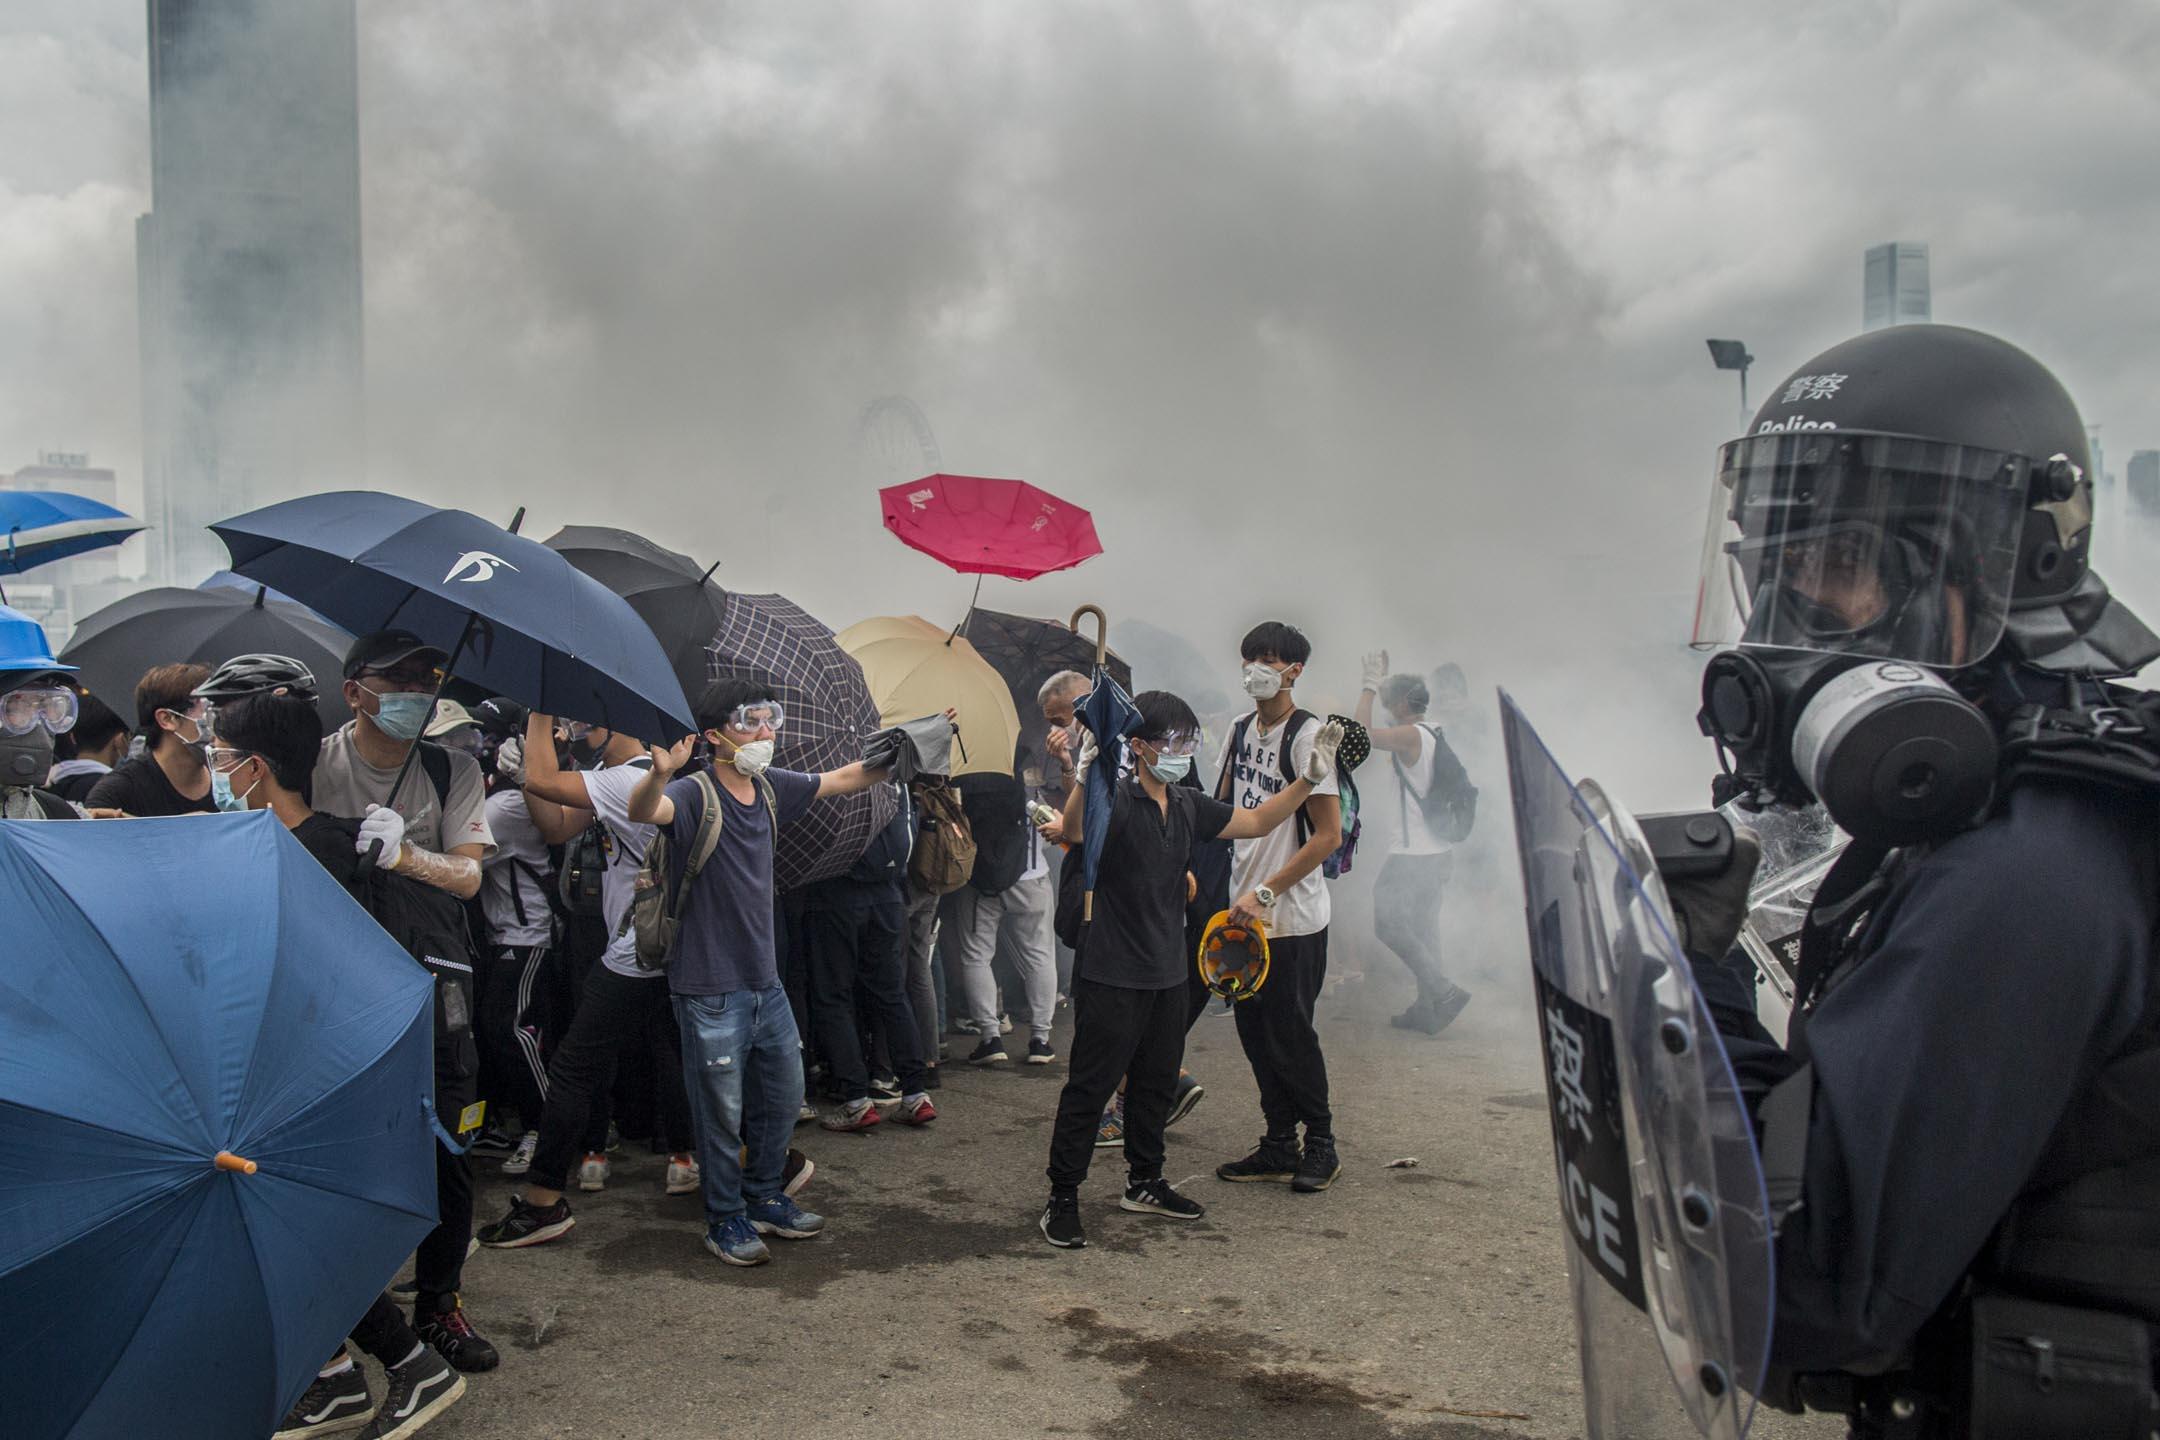 2019年6月12日,警方數十名速龍小隊在龍和道驅趕示威者,他們以雨傘來對抗。 攝:林振東/端傳媒